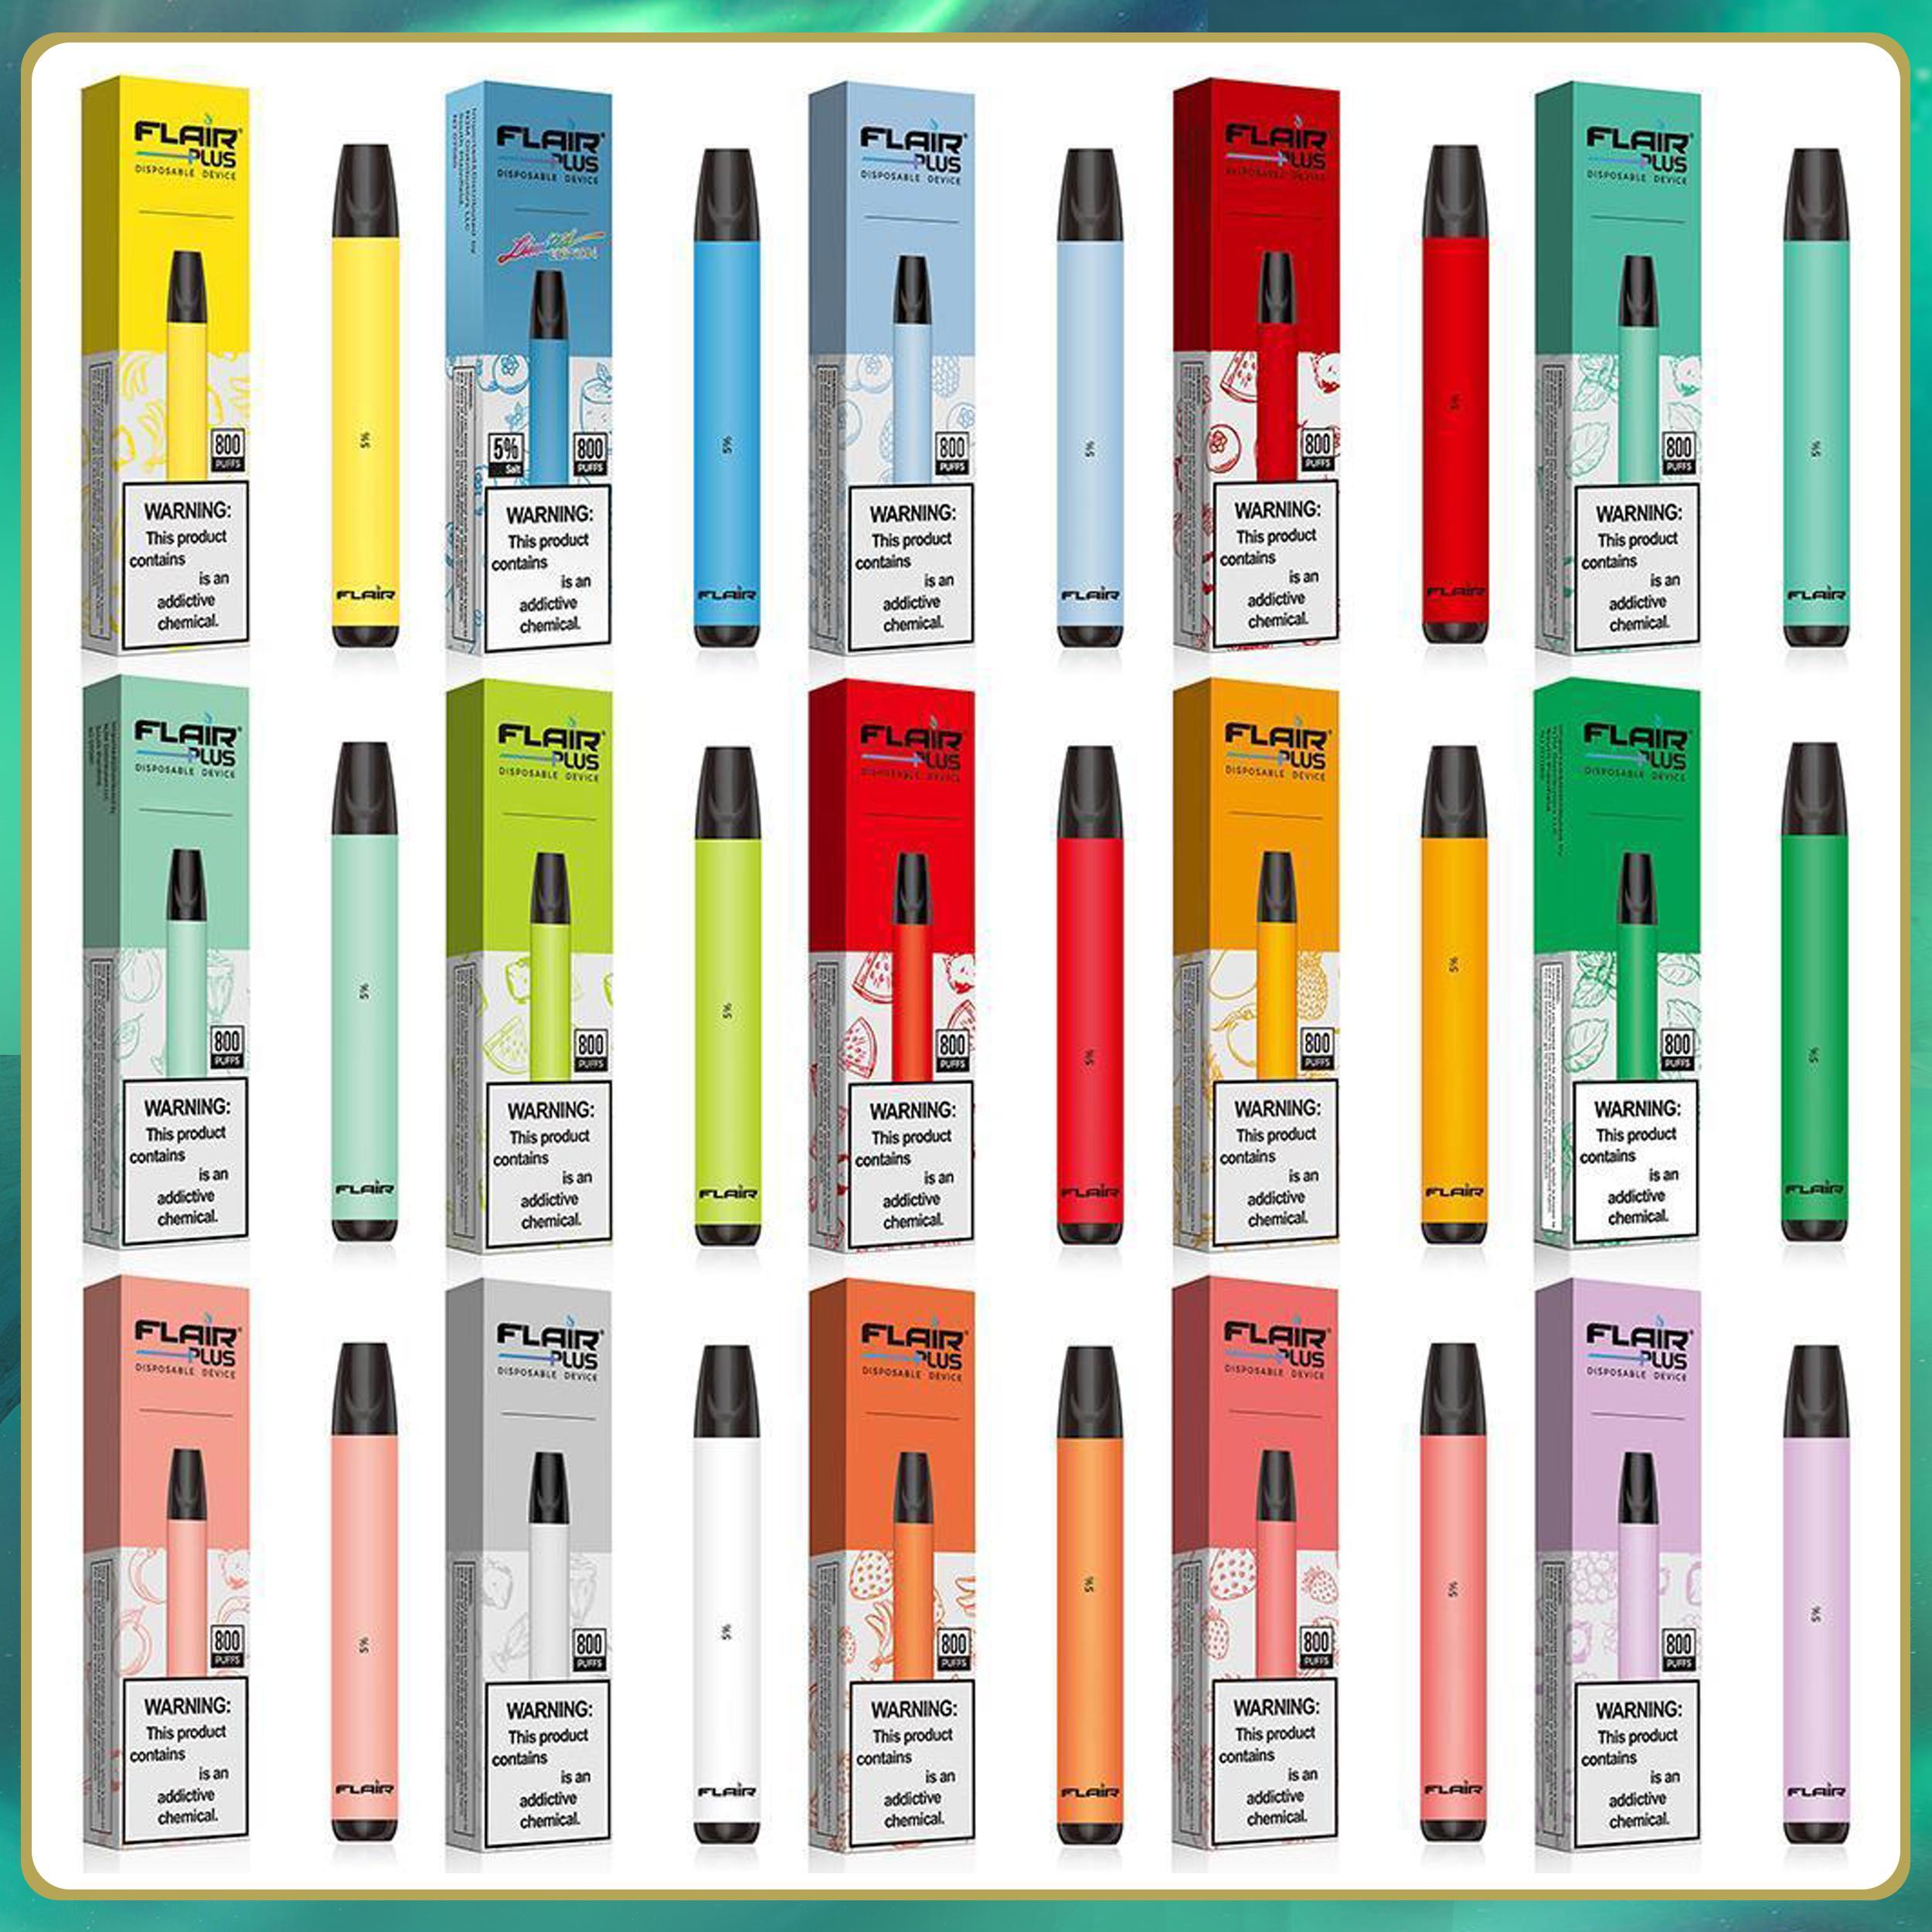 Toptan Flair Artı Tek Kullanımlık Vape E Sigaralar 800 Puffs Kalem Cihazları 3.5 ml Ön Dolgulu Pods Kartuşları Buharlaştırıcılar 550 mAh Pil Buhar Hava Bar Max